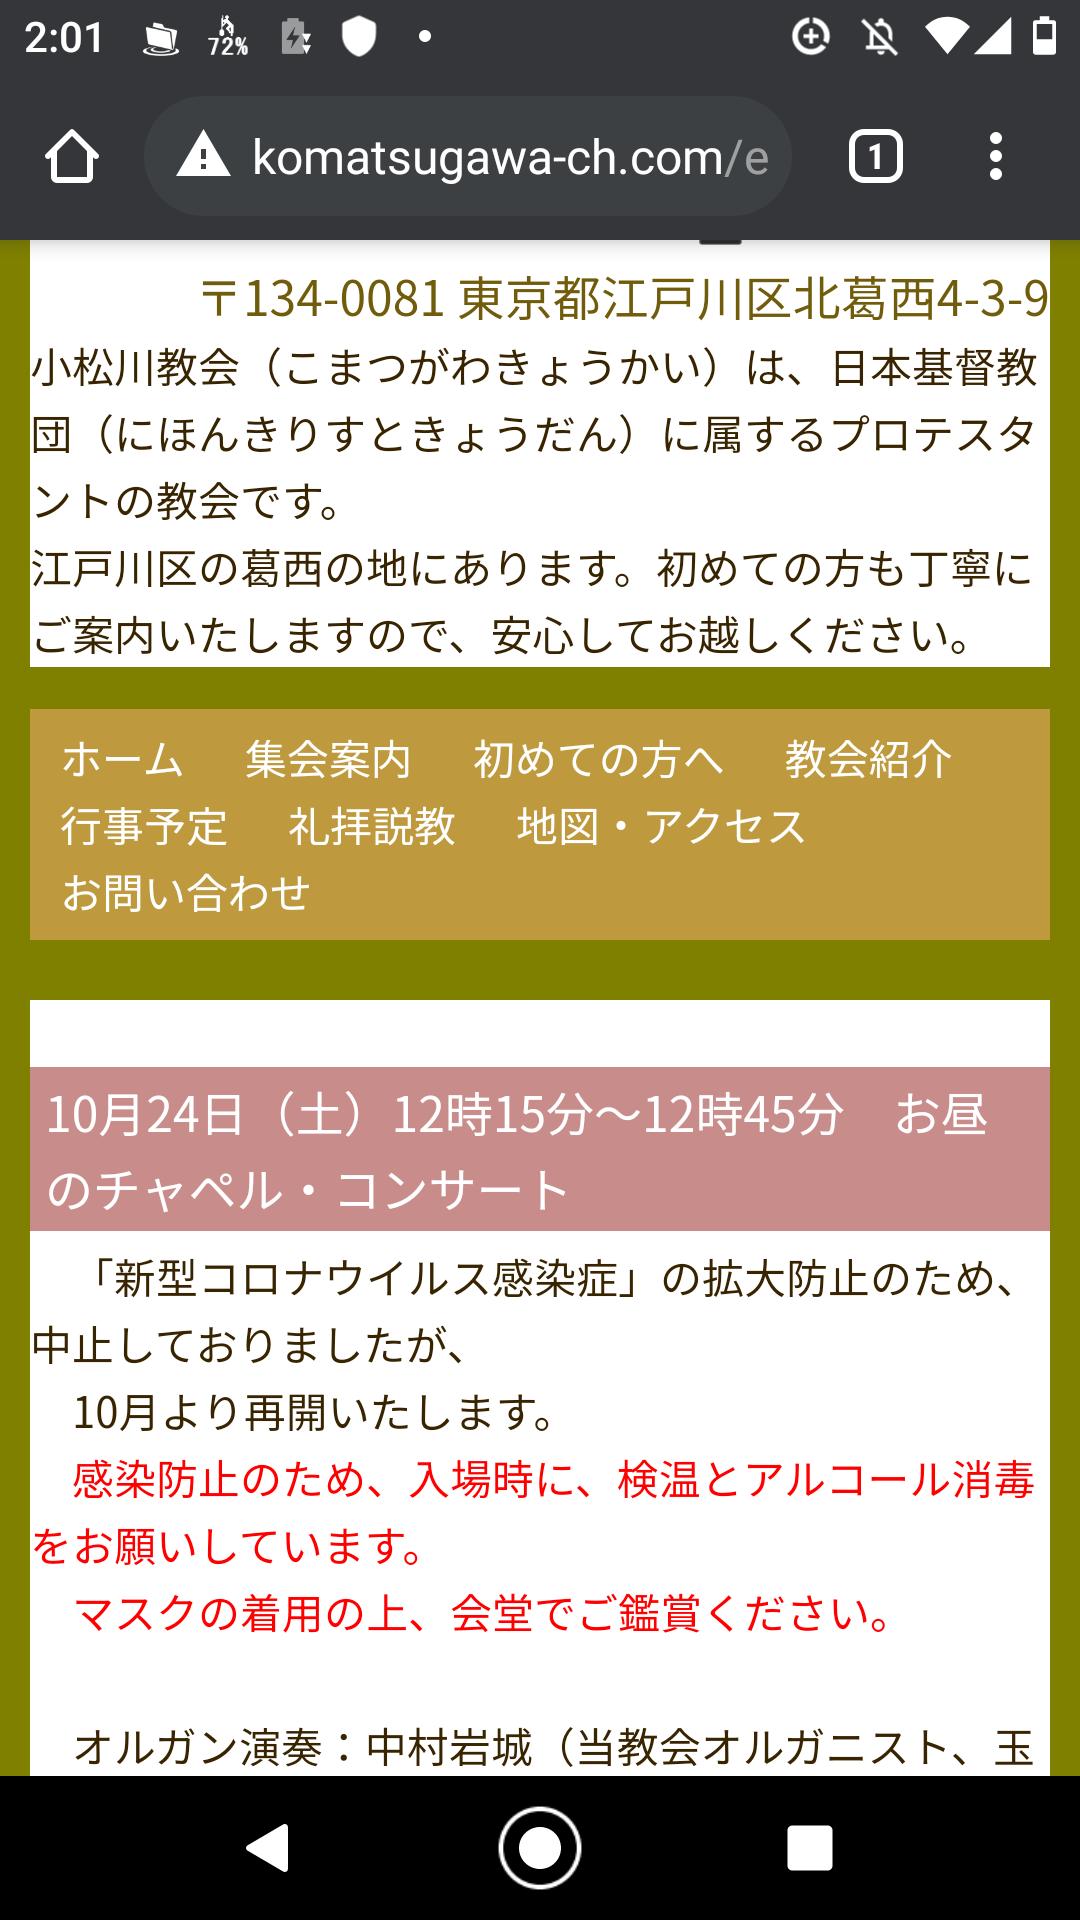 20201019133808d2c.png